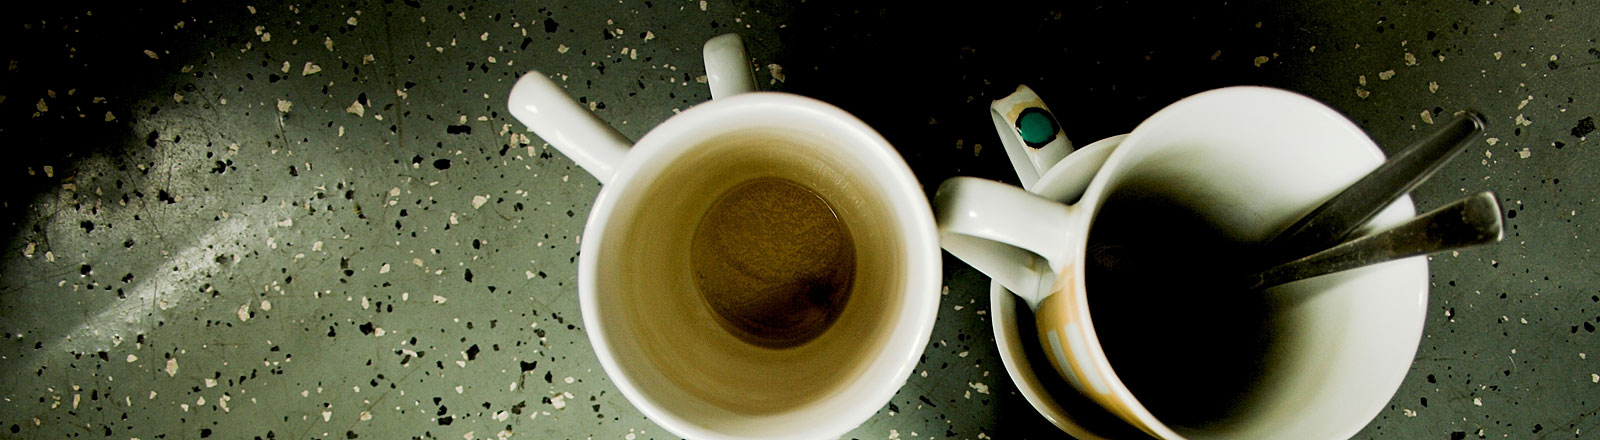 Schmutzigen Kaffeetassen